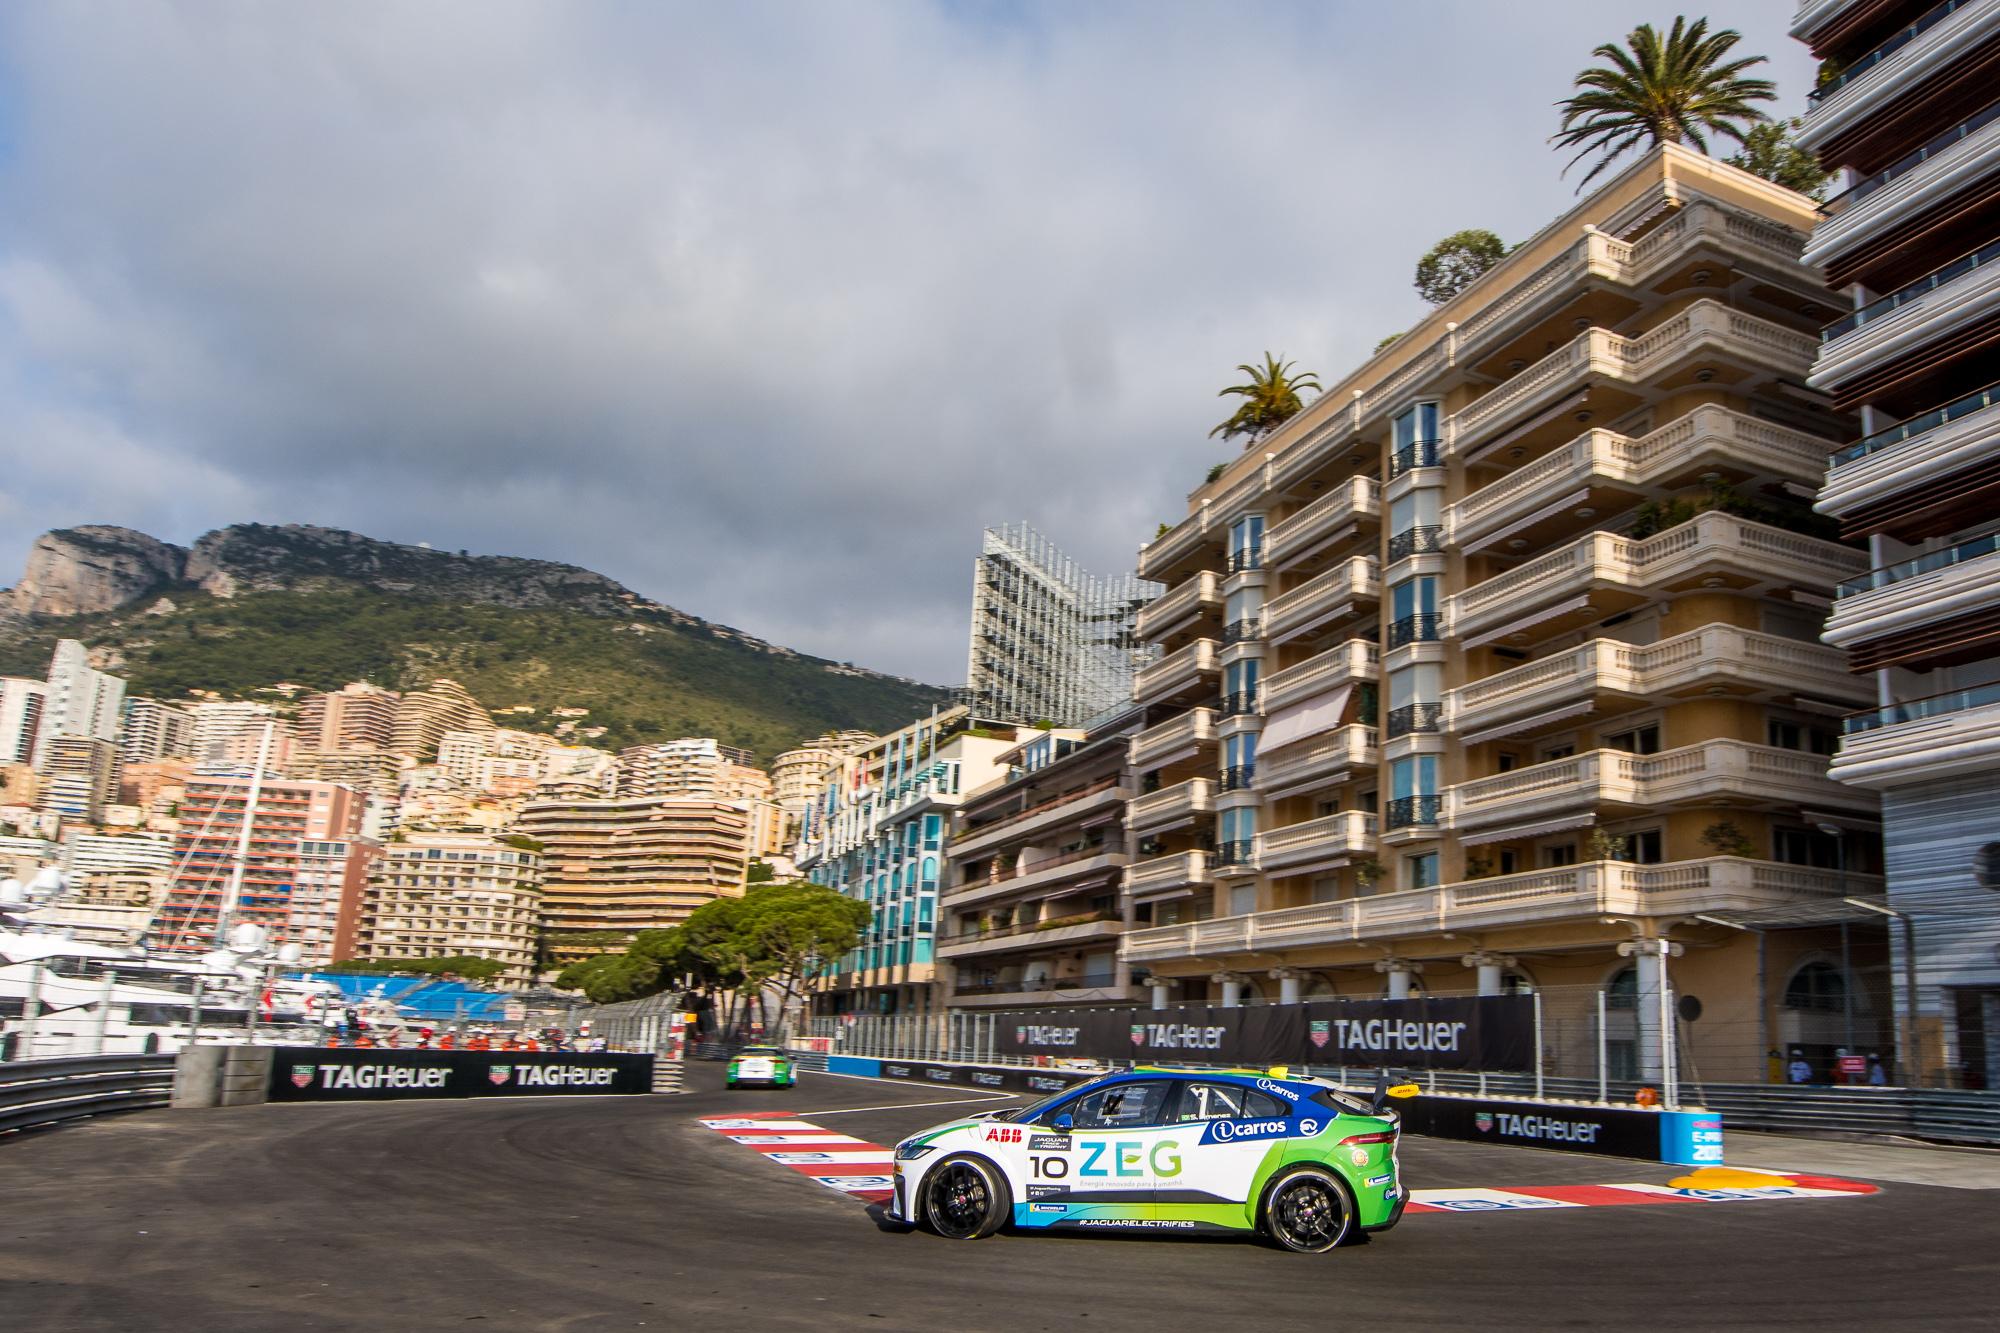 Jaguar_7.Monaco_josemariodias_02002